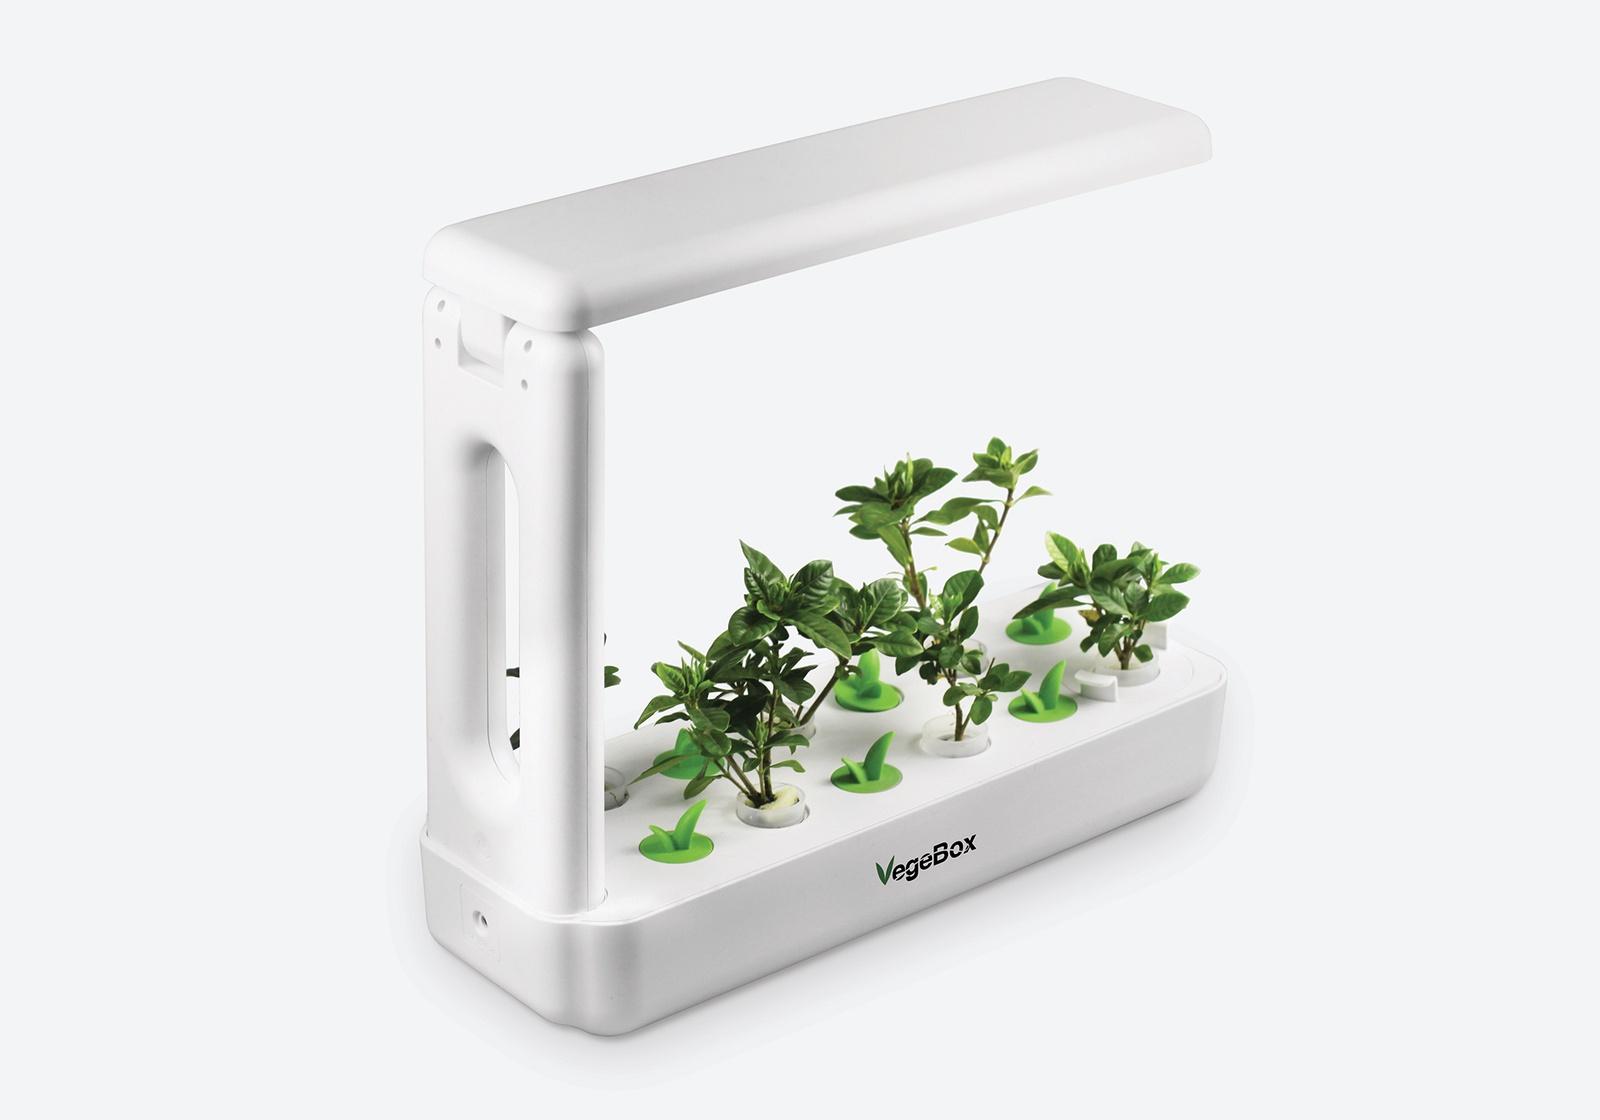 Кухонная Садовая ферма VegeBox K-Box - мини огород дома